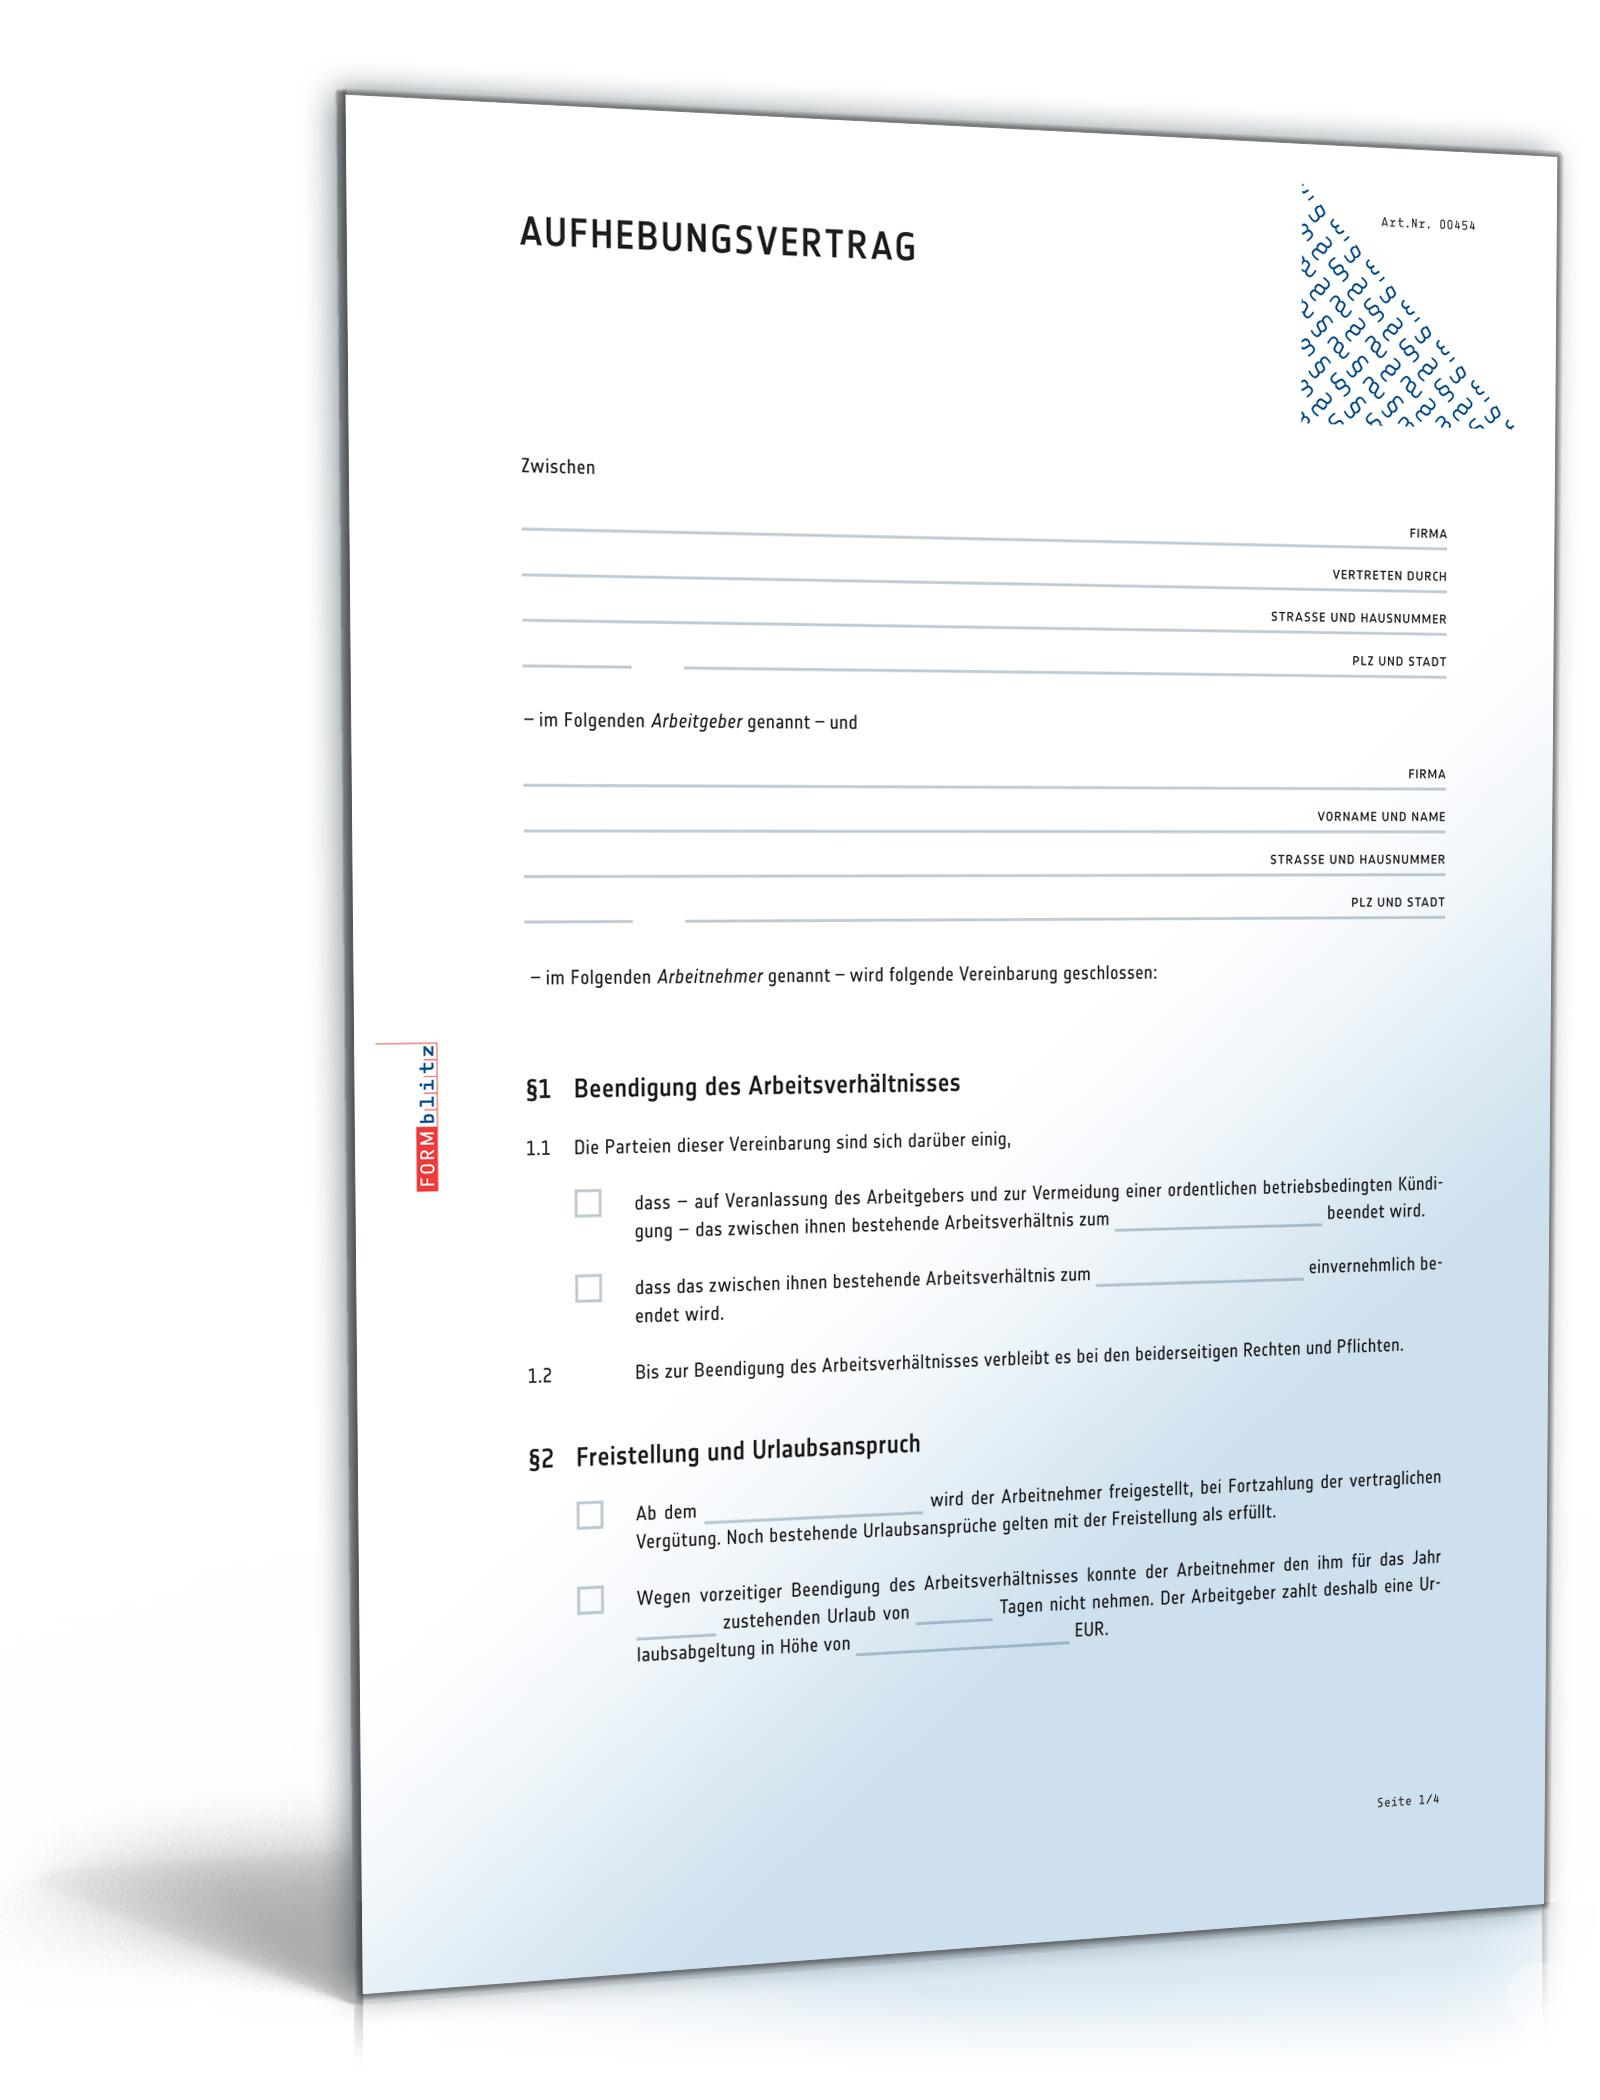 aufhebungsvertrag fr ein arbeitsverhltnis - Gutertrennung Muster